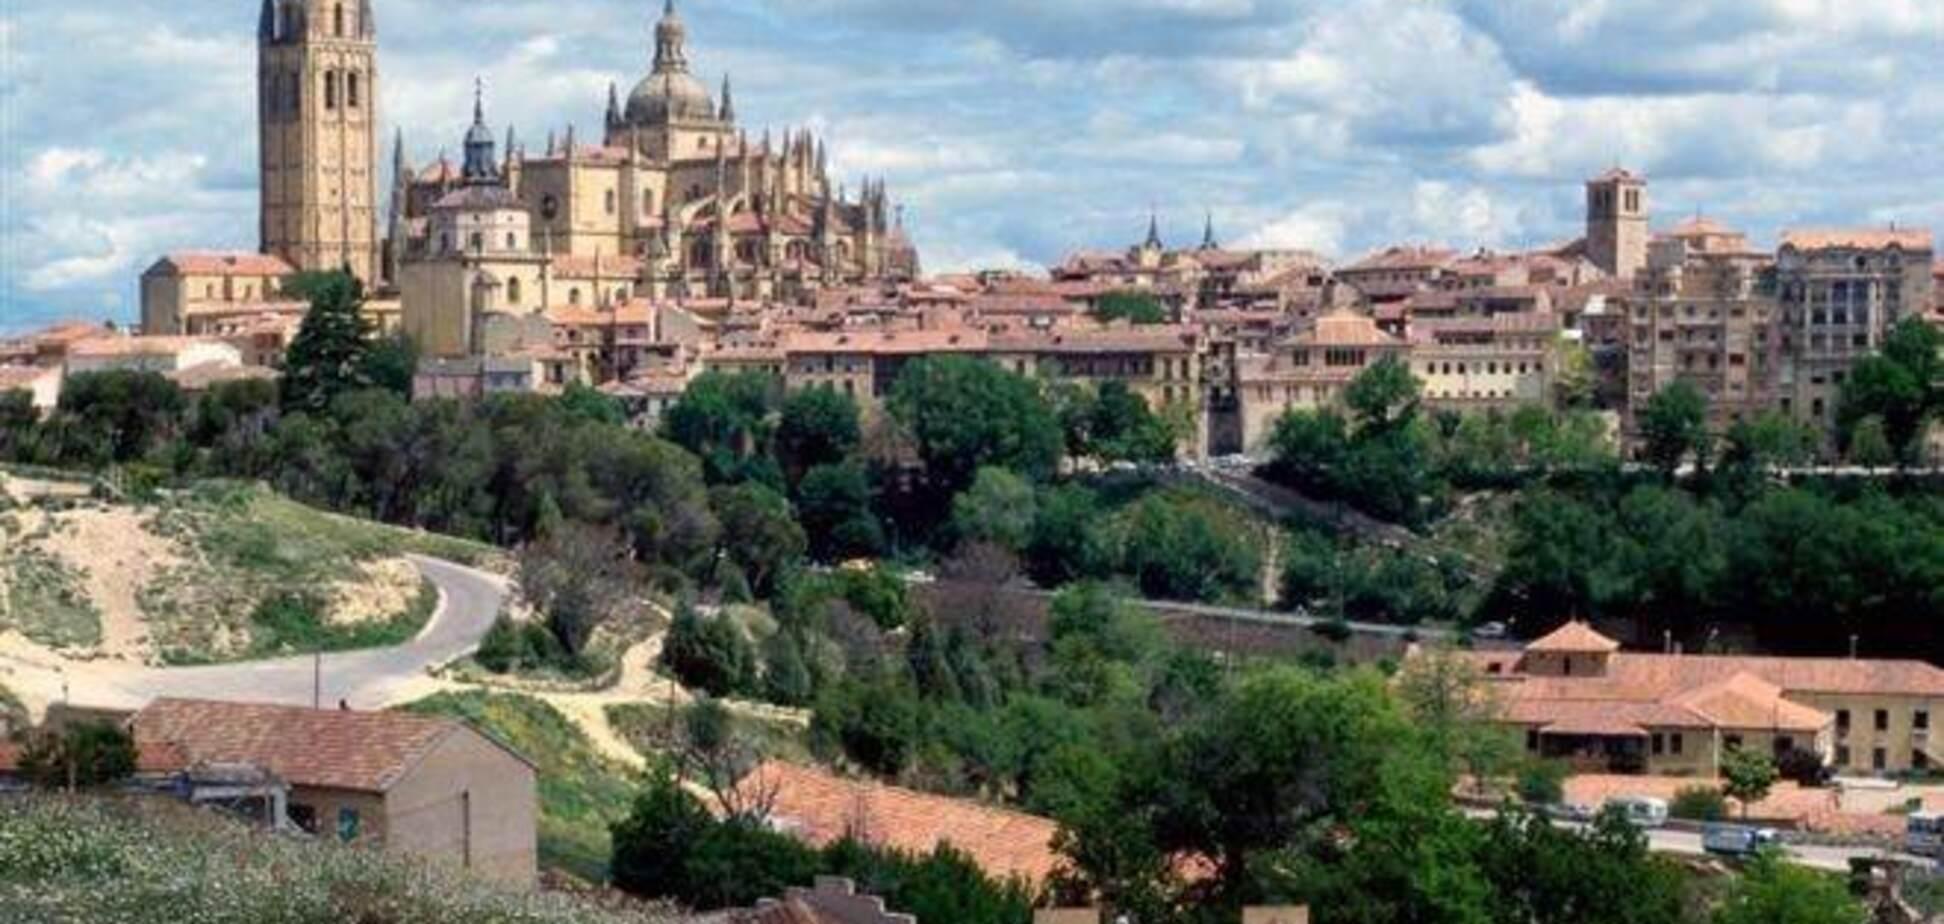 Зарубежные фонды готовы вложить 14 млрд евро в недвижимость Испании